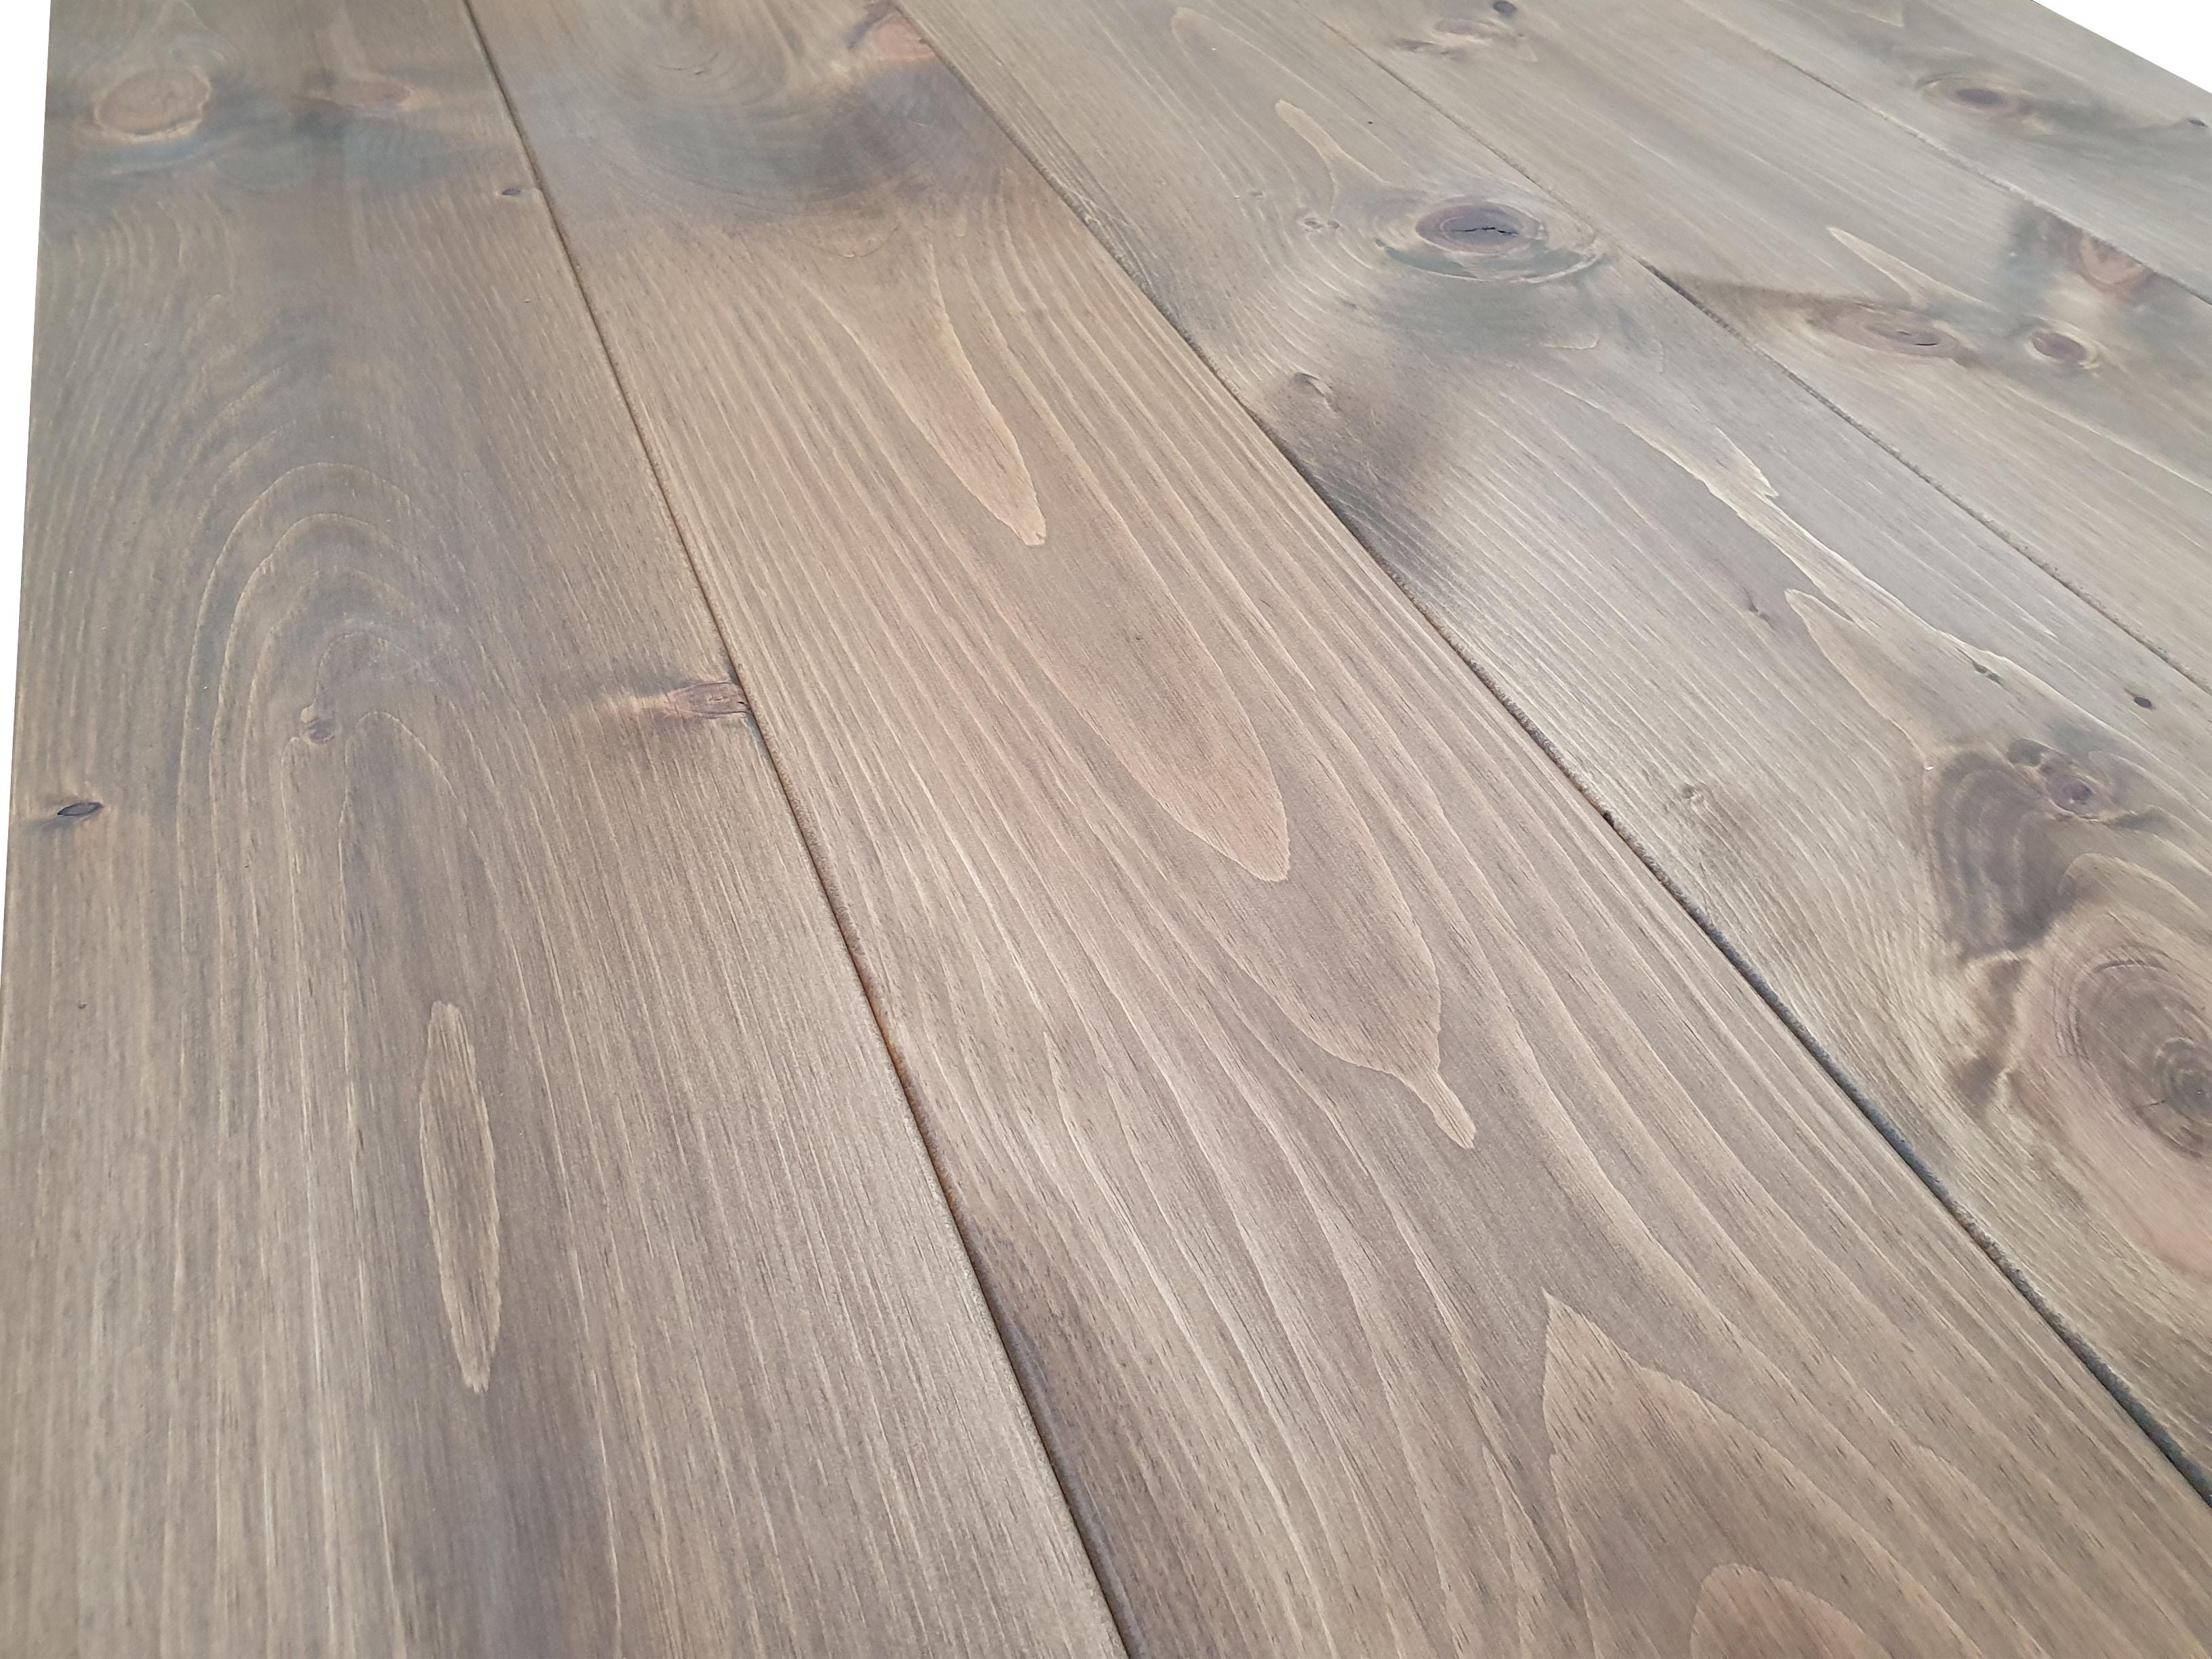 wide-plank.jpg